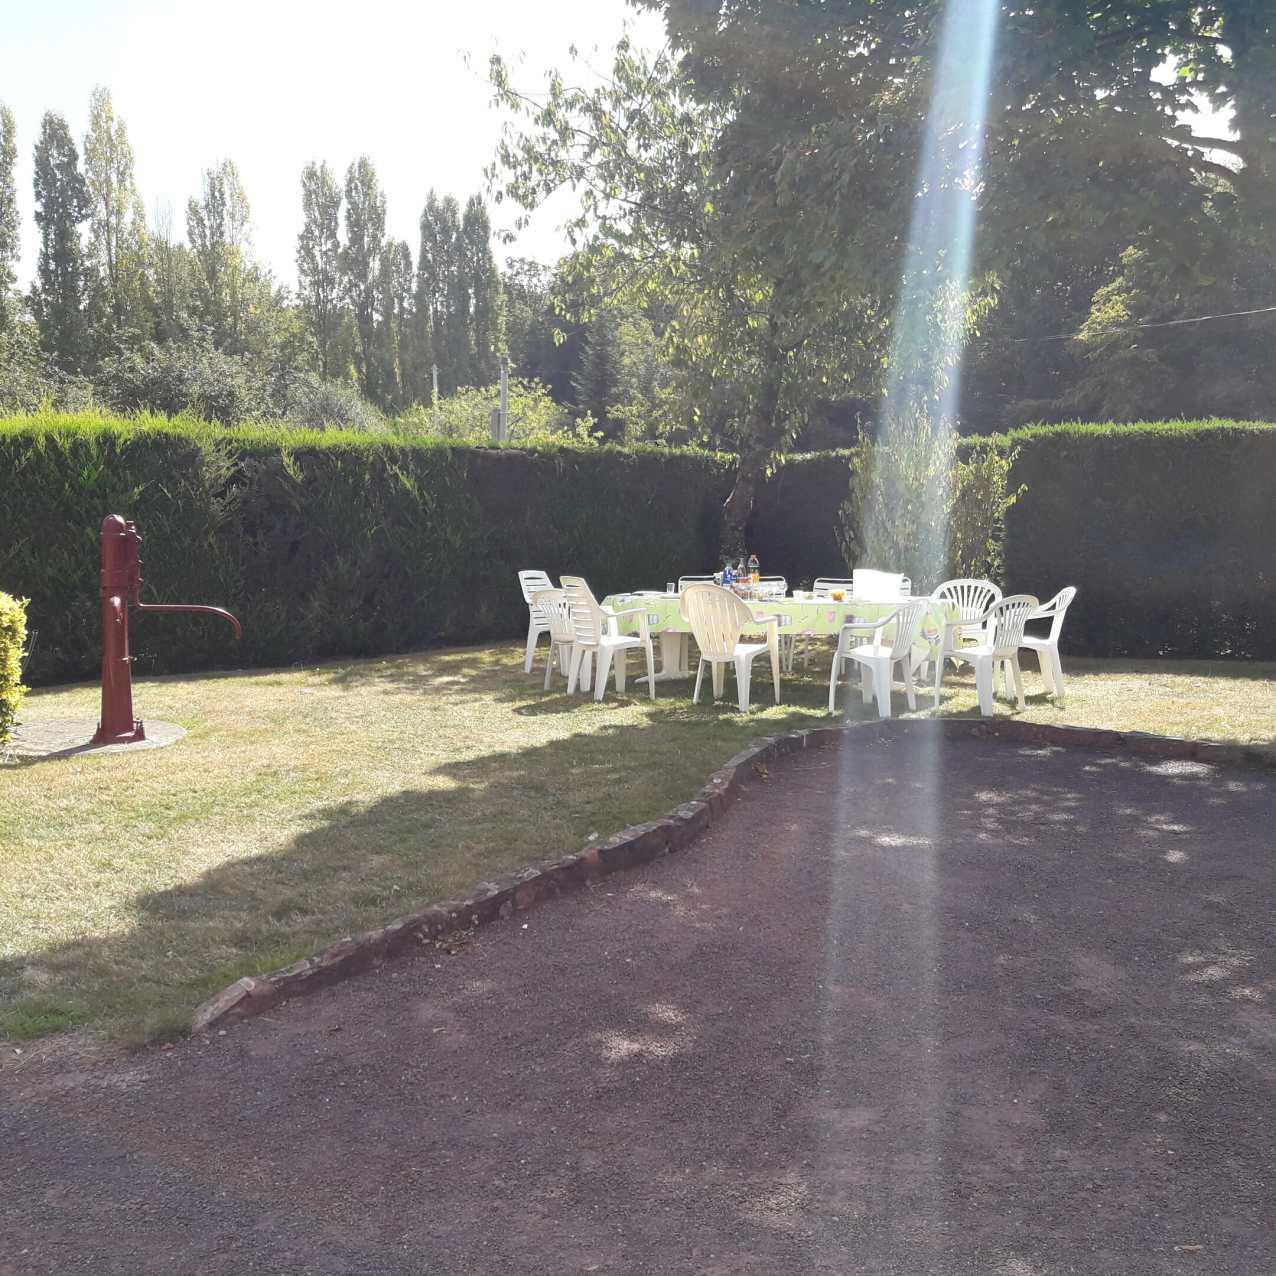 Le salon de jardin pour déjeuner dehors